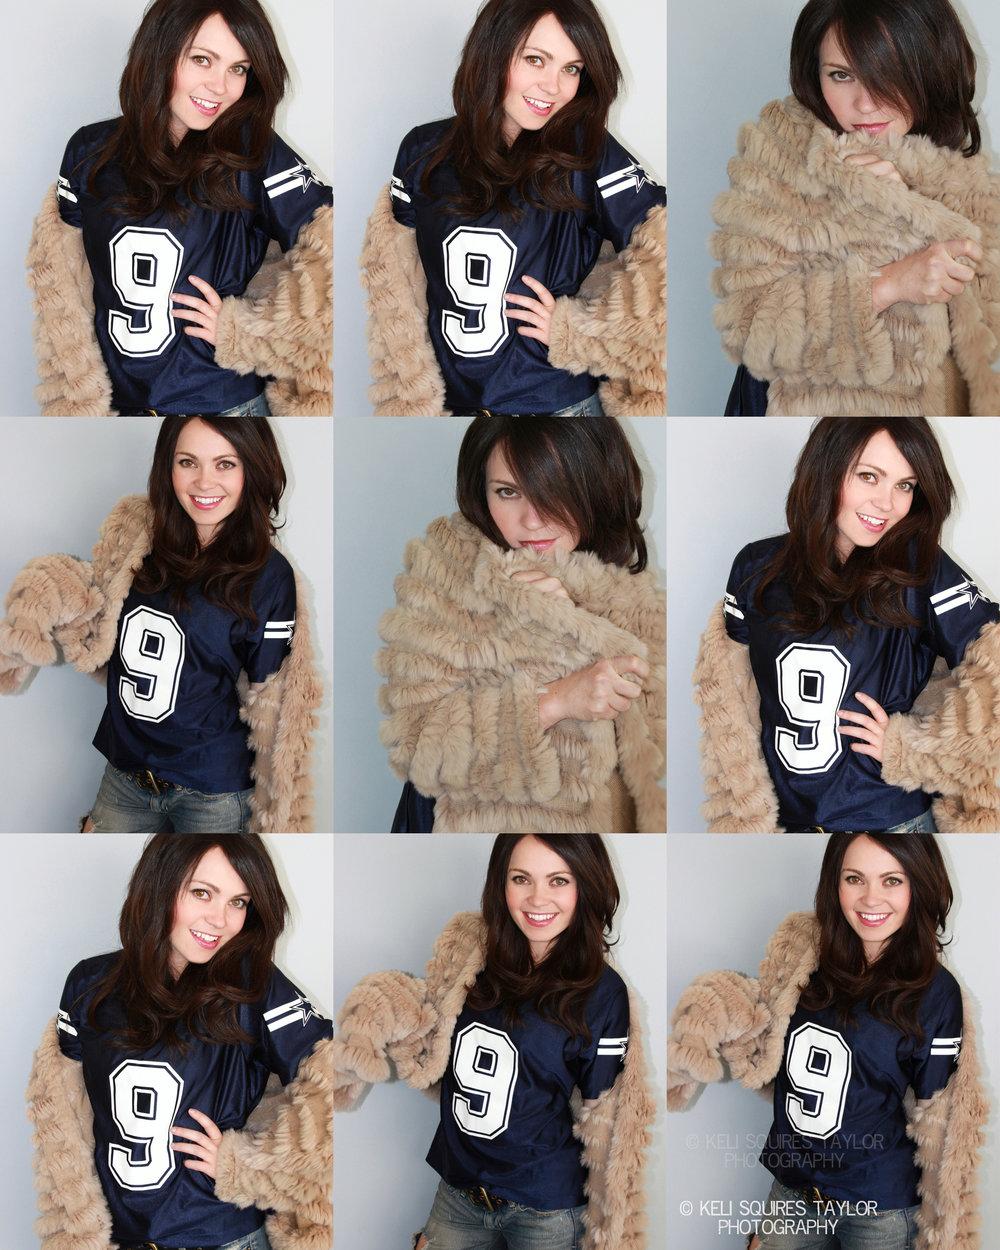 Portraits of Host / actress Lauren Kelly